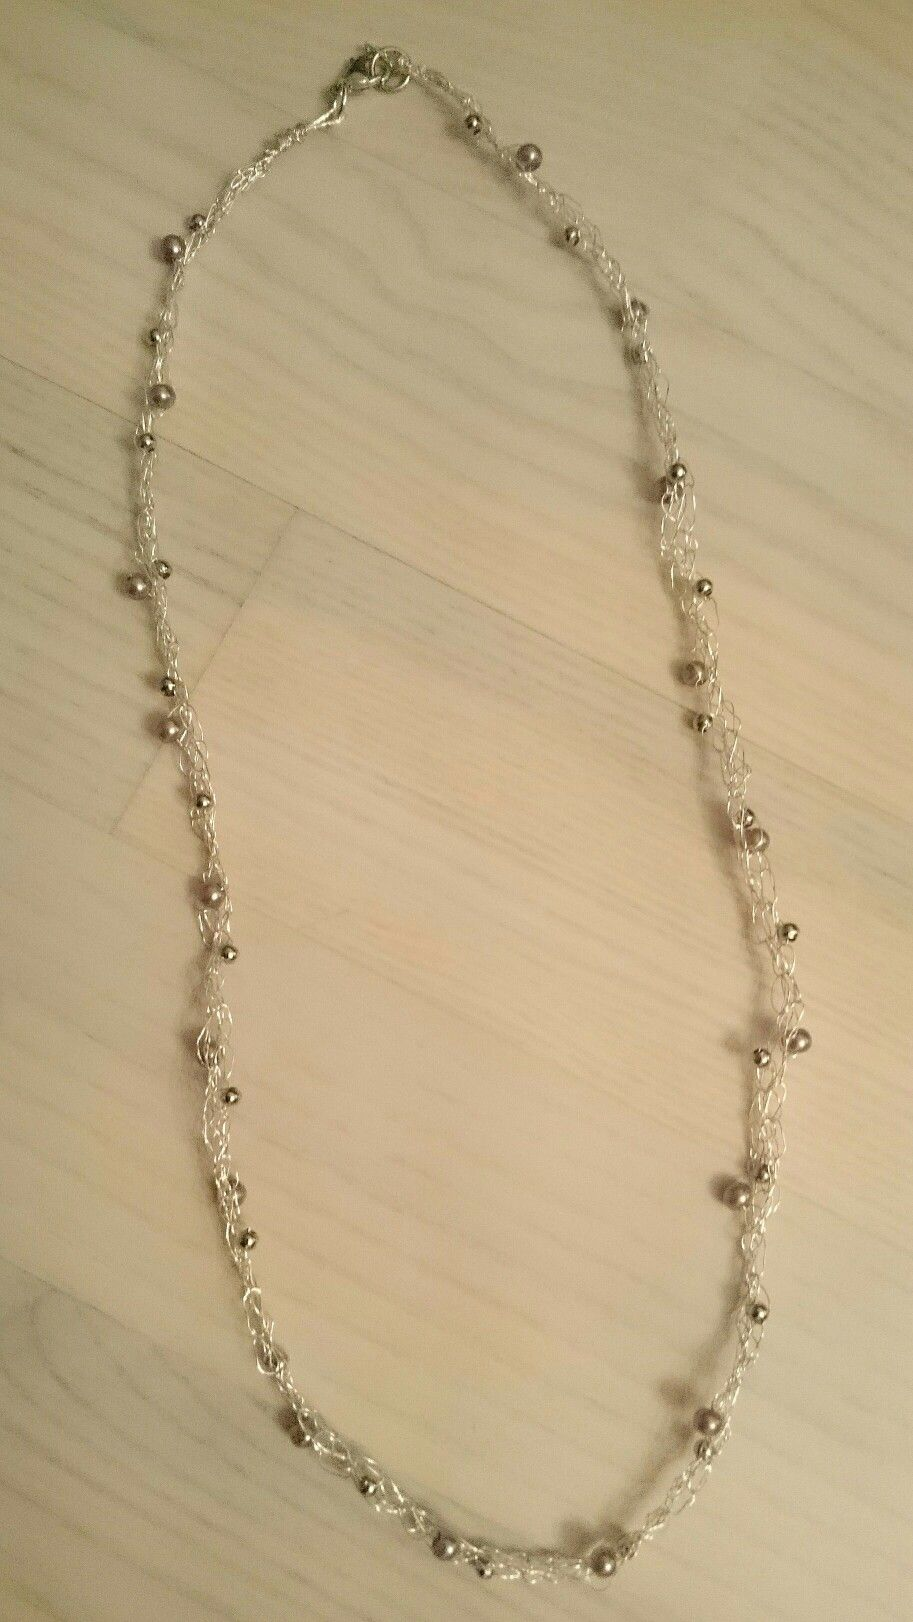 Kette - gehäkelt aus Draht und Perlen sowie geflochten | DIY Michis ...